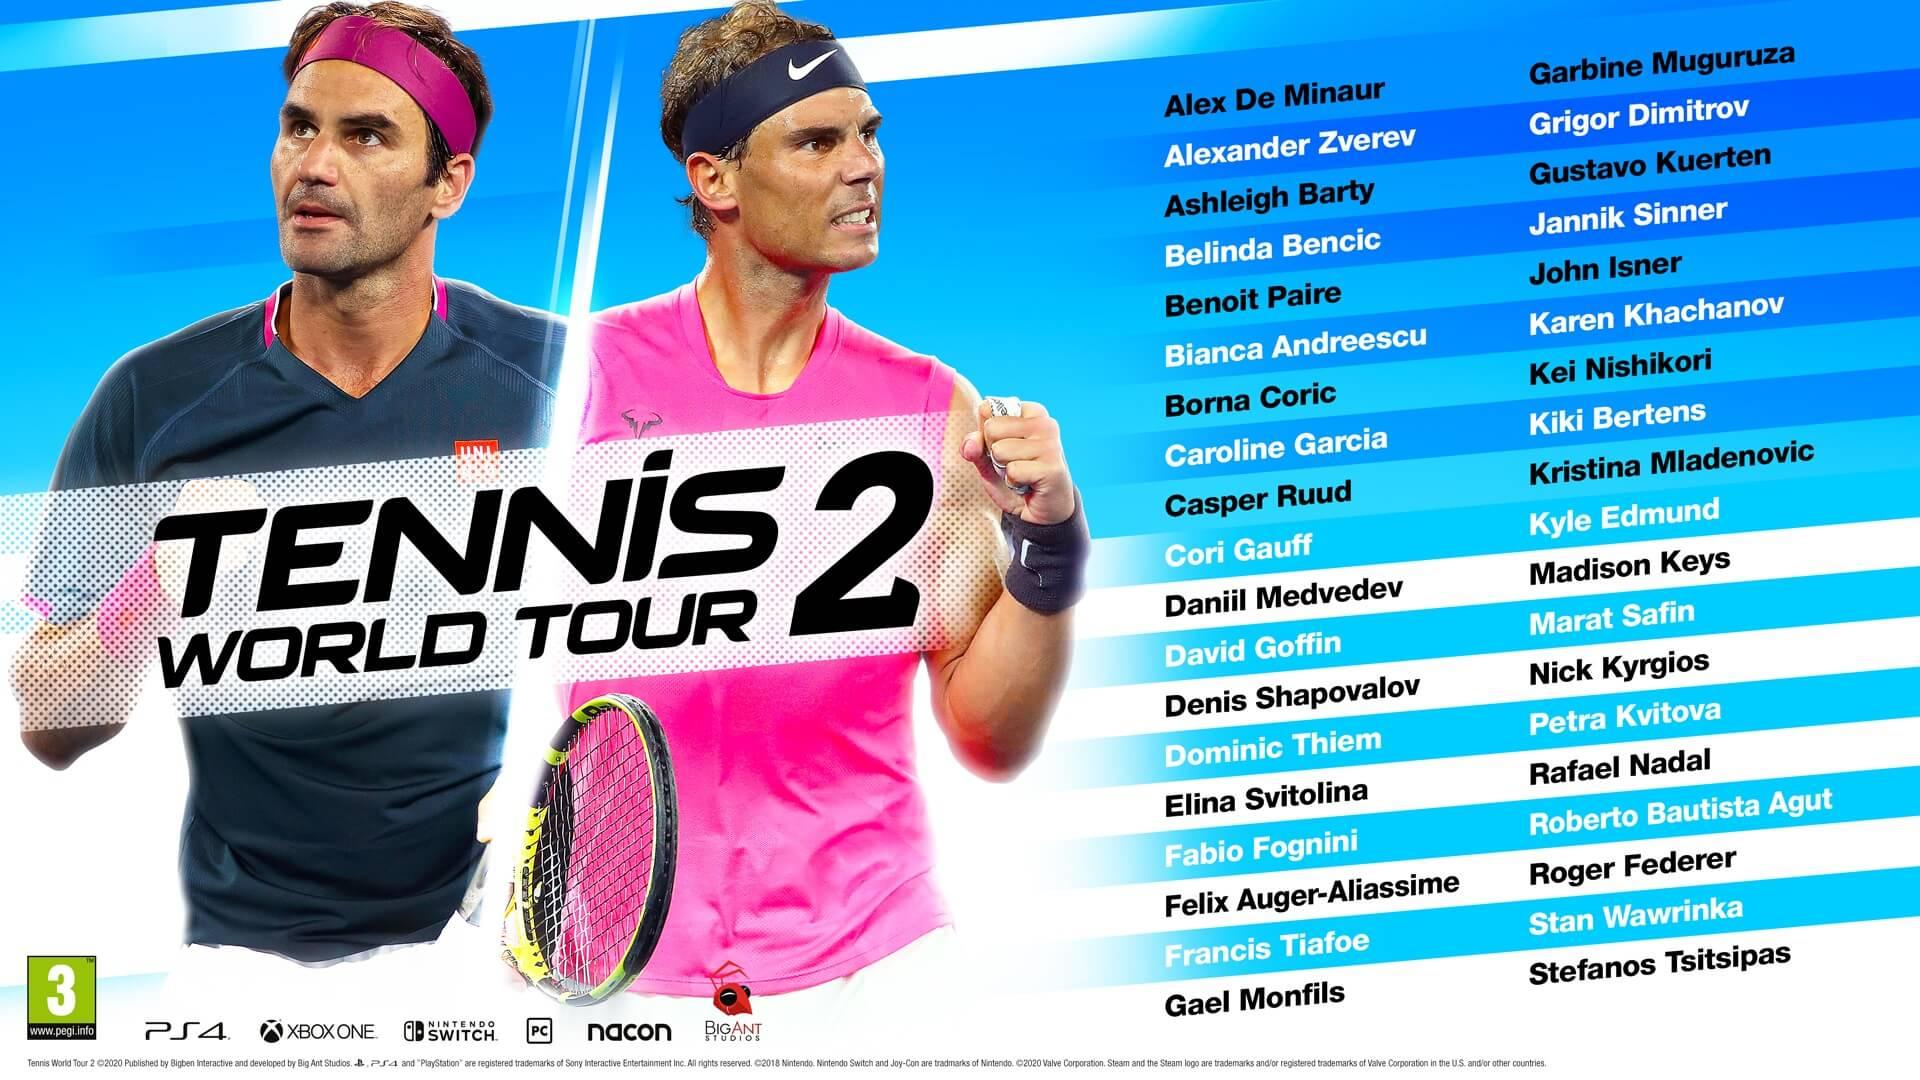 Ανακοινώθηκε το Roster του Tennis World Tour 2